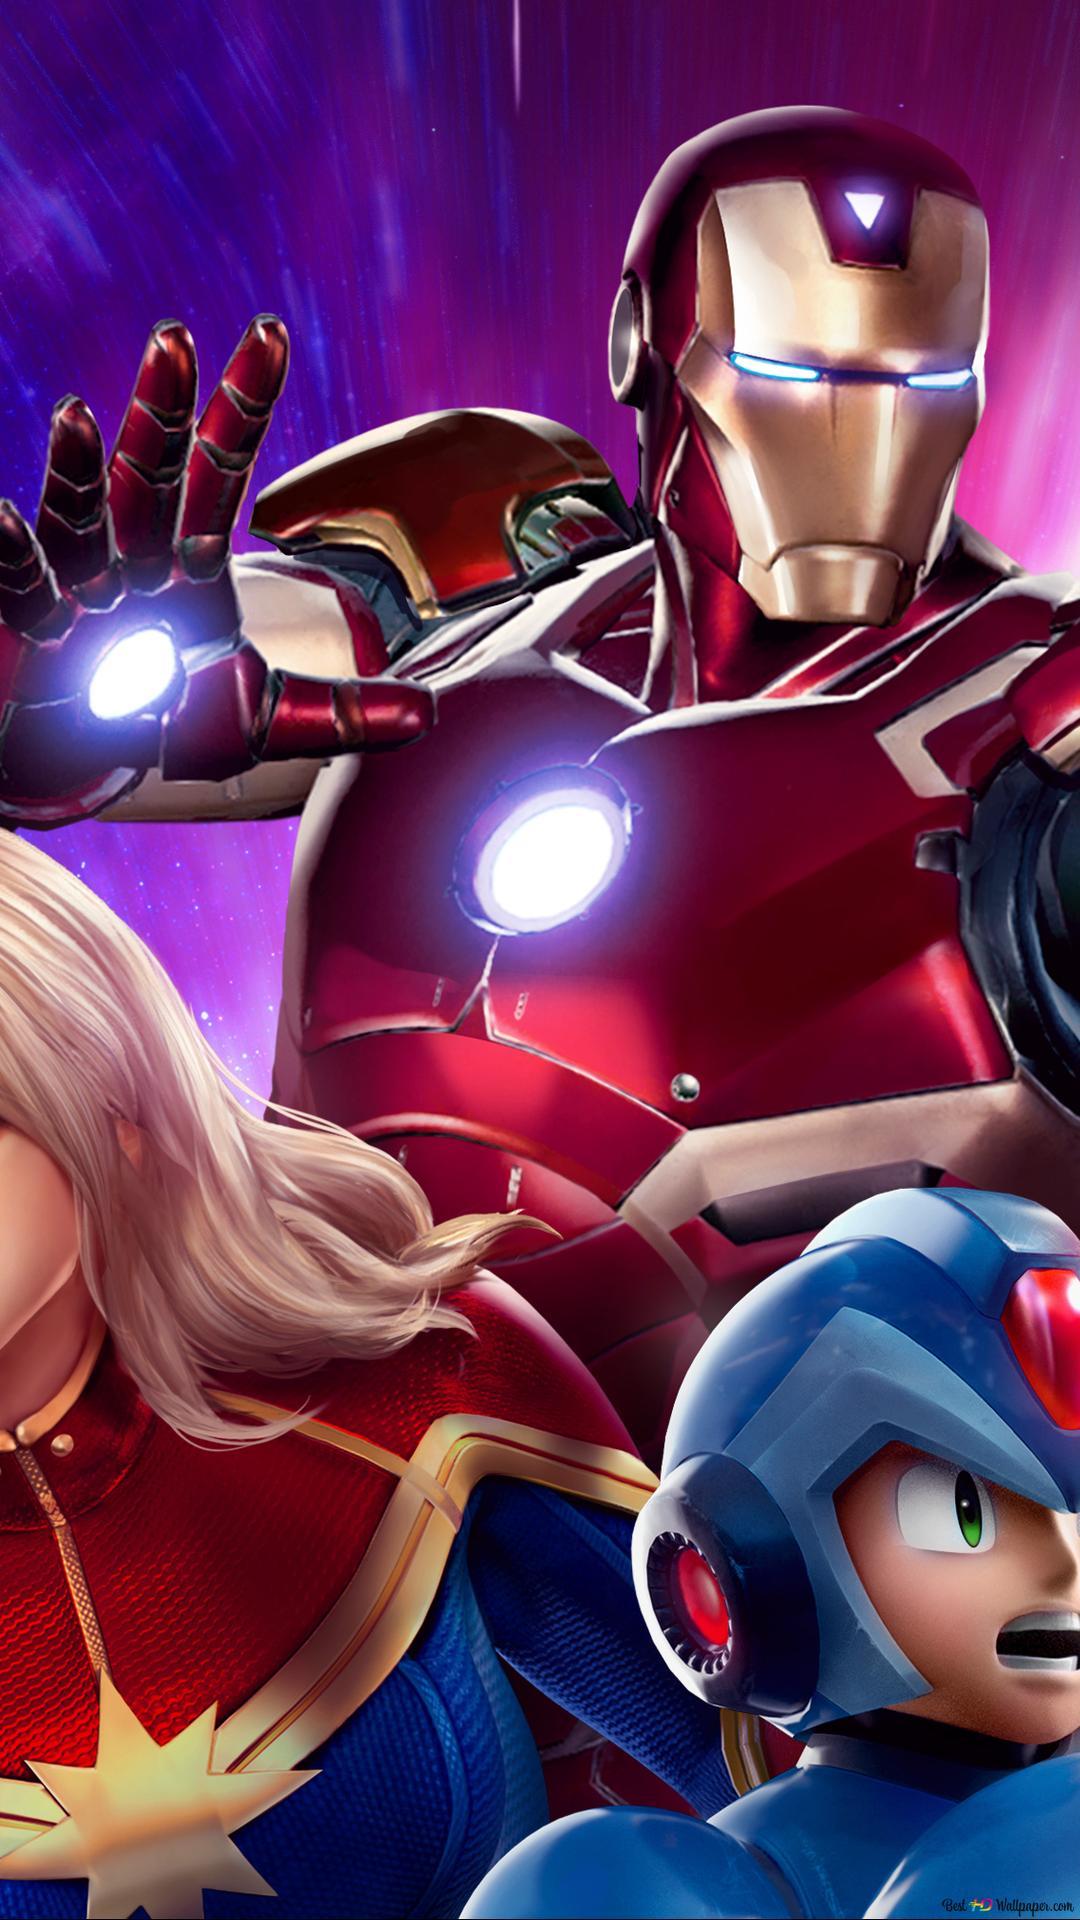 Marvel Vs Capcom Infinite Hd Wallpaper Download